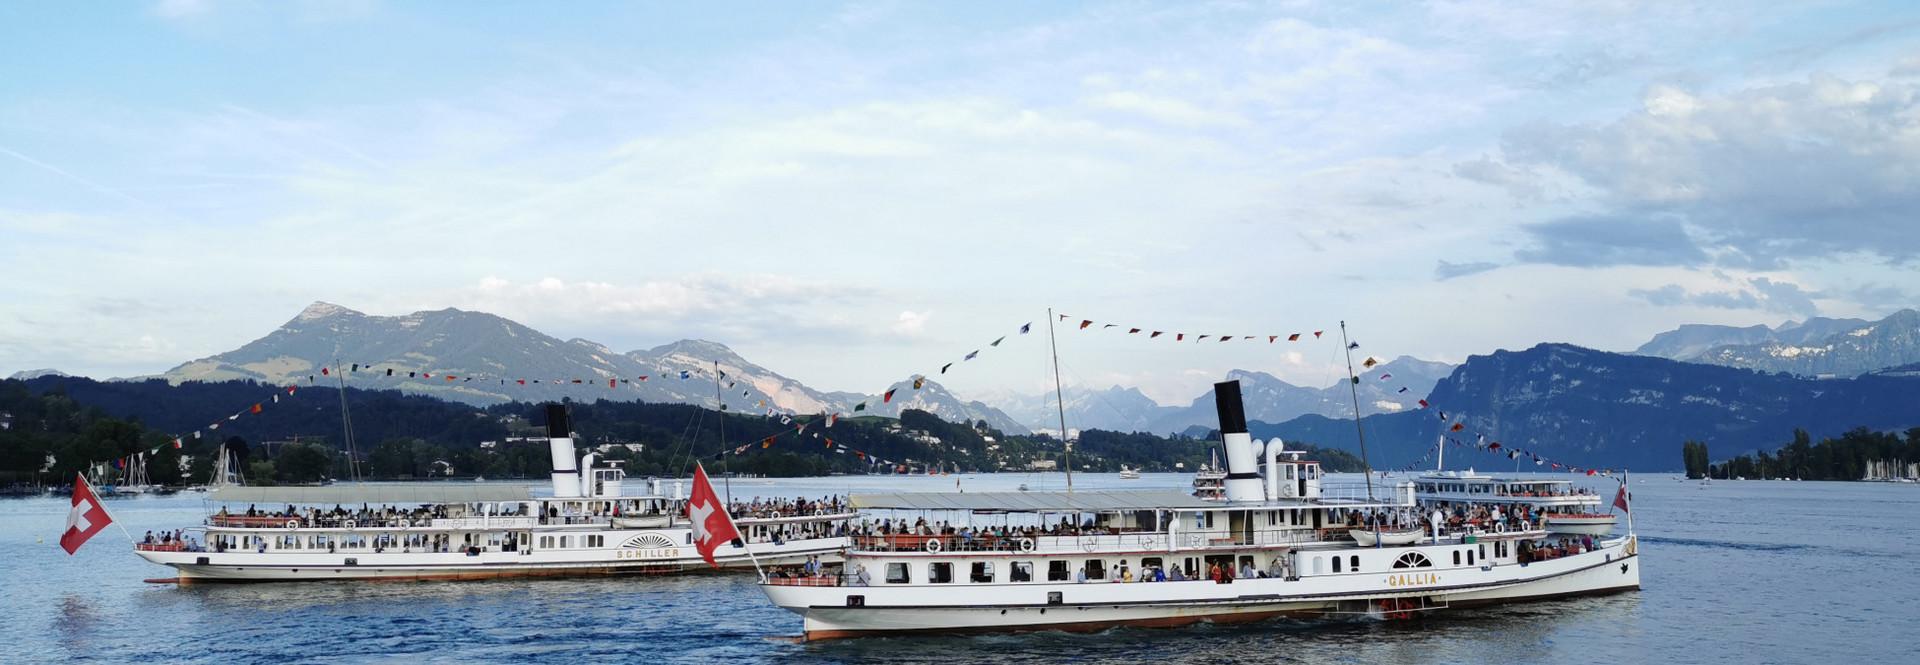 Am 1. August sind auch die Dampfschiffe Gallia und Schiller auf dem Vierwaldstättersee abends unterwegs.